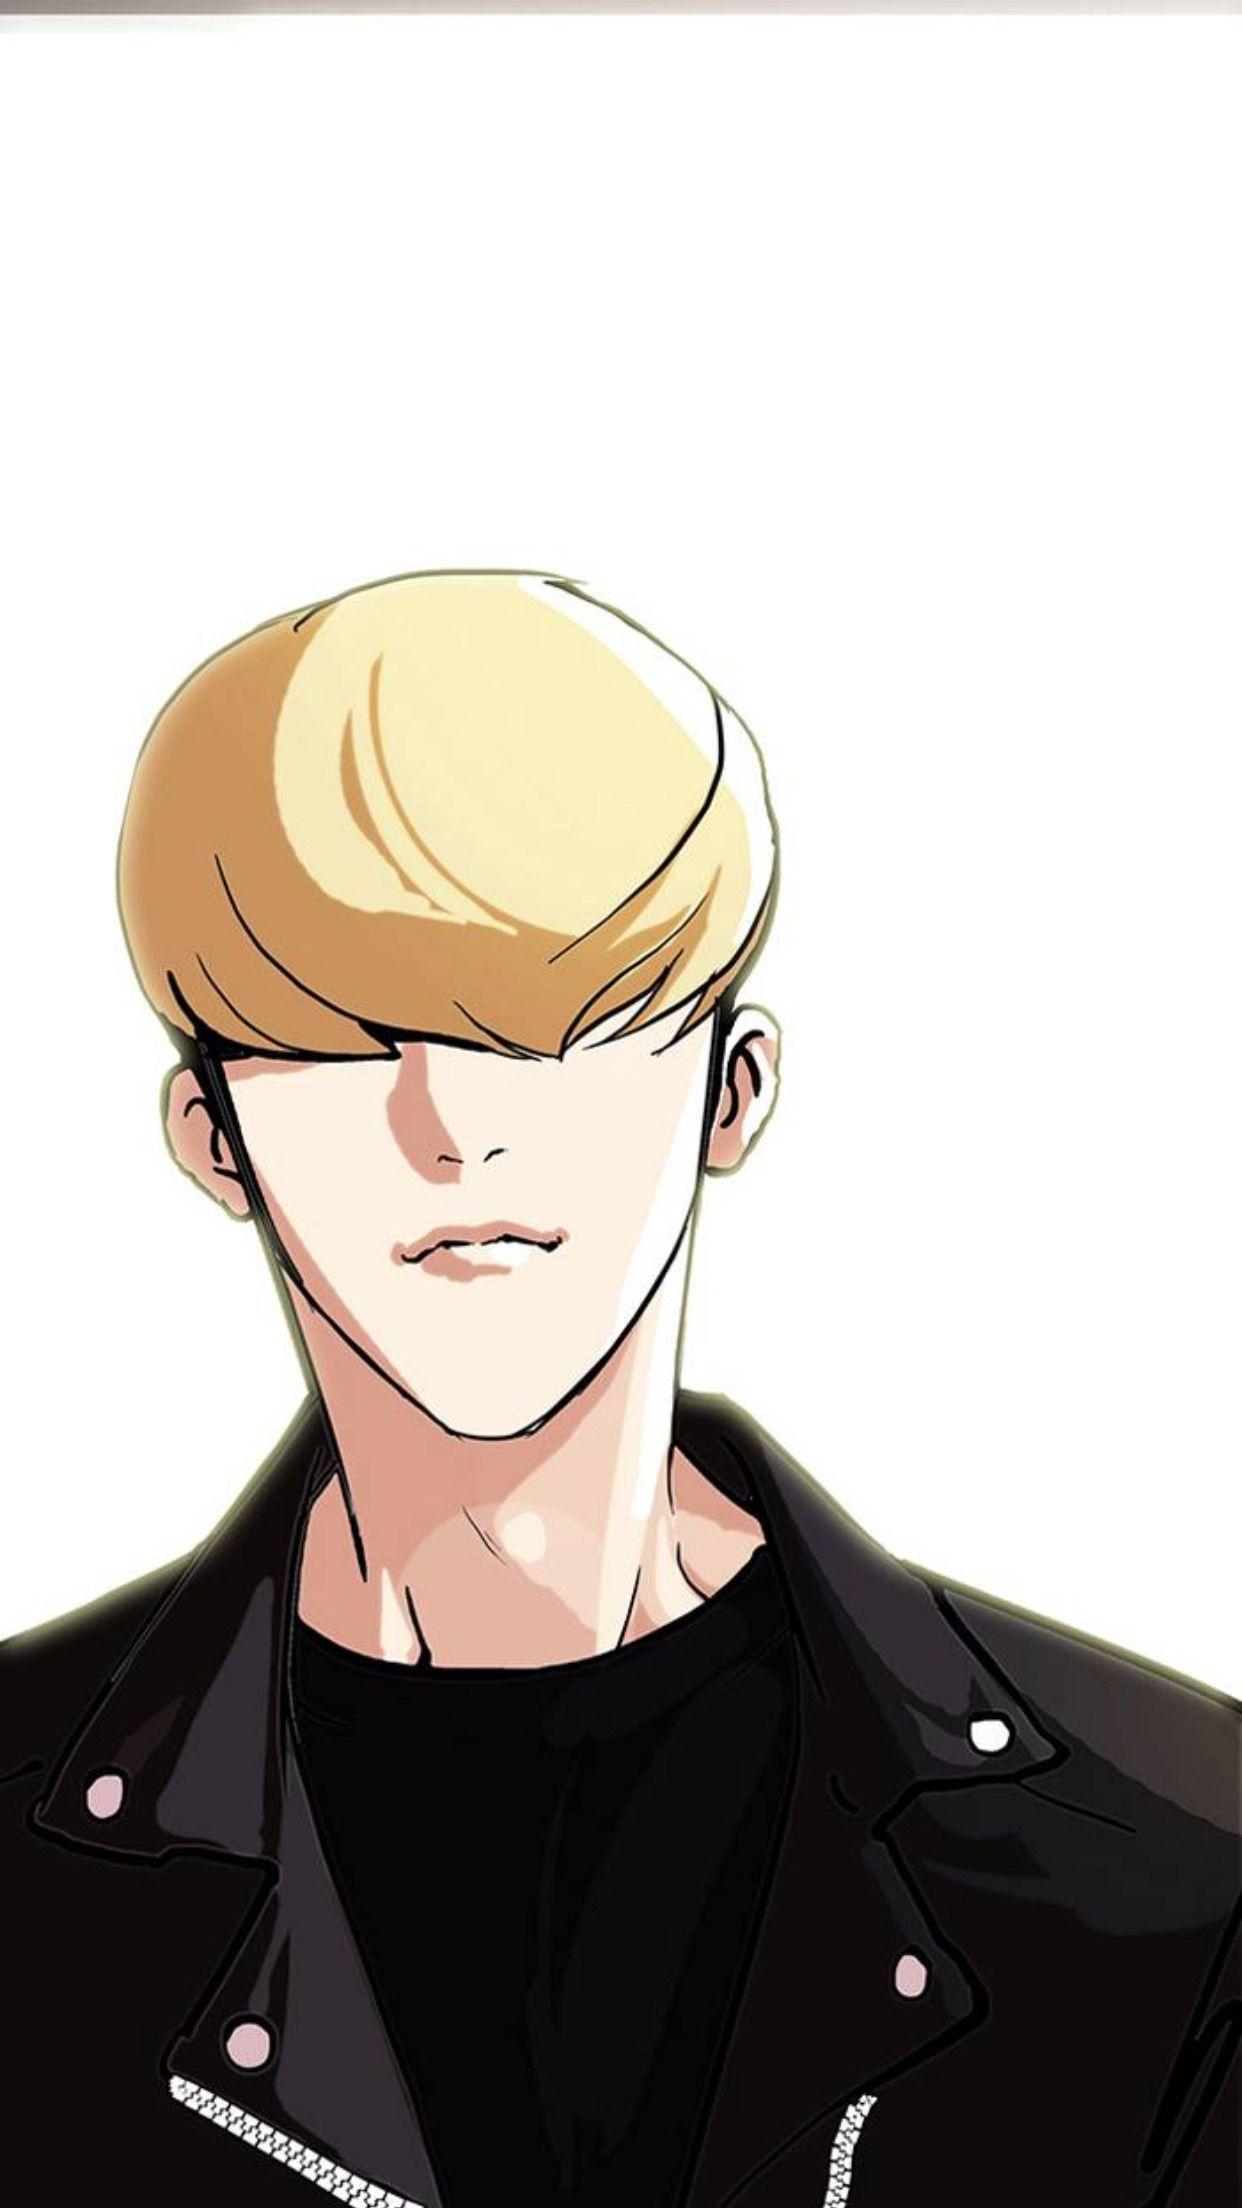 Pin by Kirsten Ingram on Anime/Manga Lookism webtoon